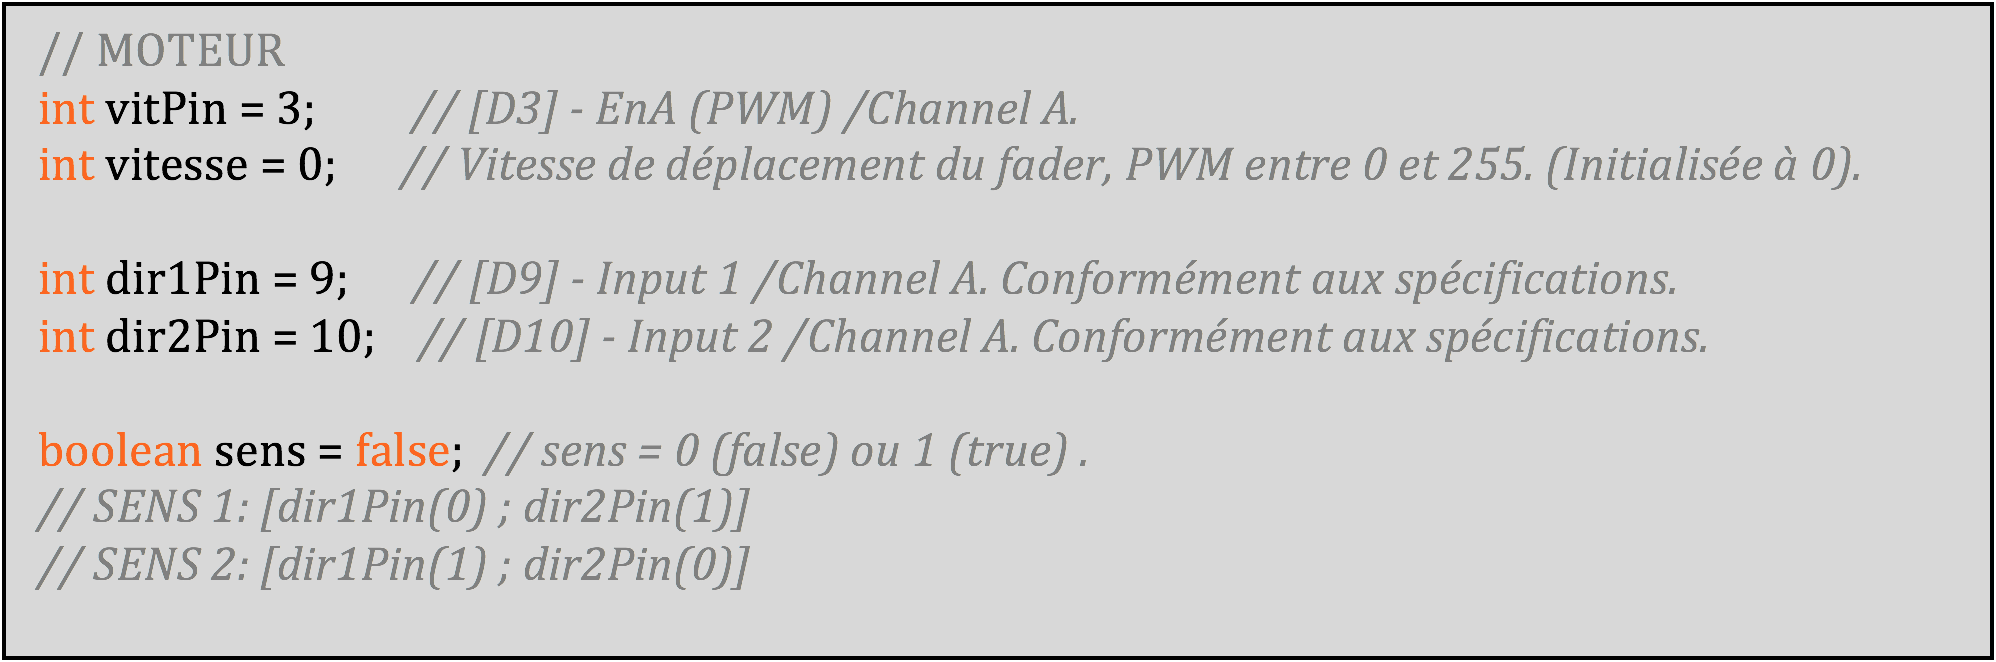 Initialisation des variables de contrôle du moteur.